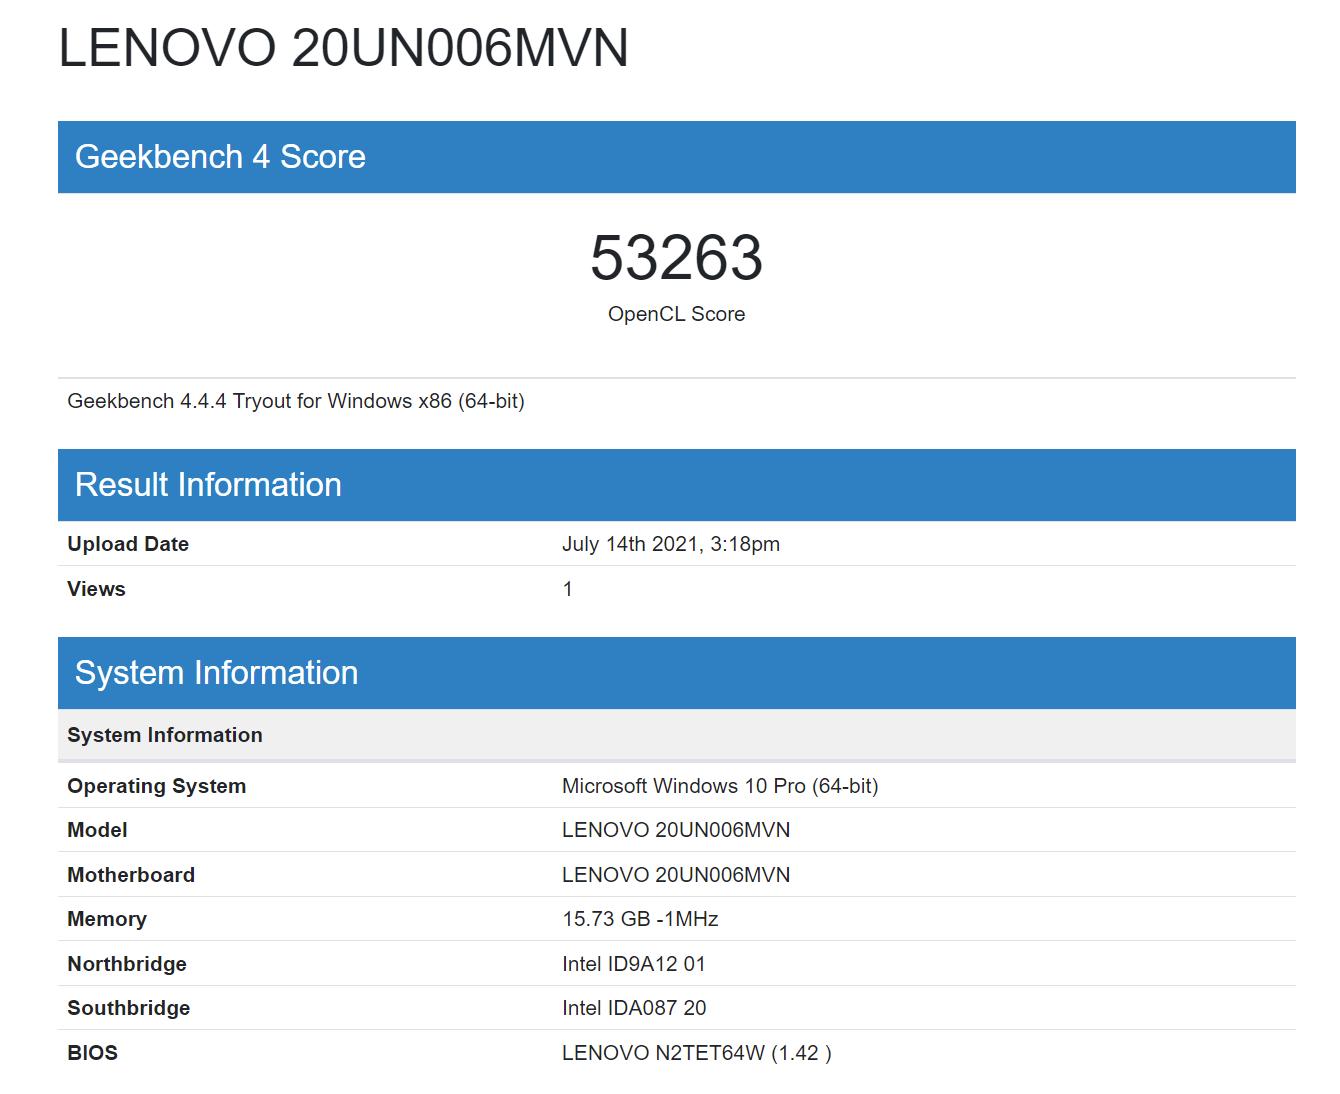 Đánh giá Lenovo ThinkPad X1 Nano: Chiếc ThinkPad cực mỏng nhẹ chúng ta hằng mong đợi - VnReview 2020 25